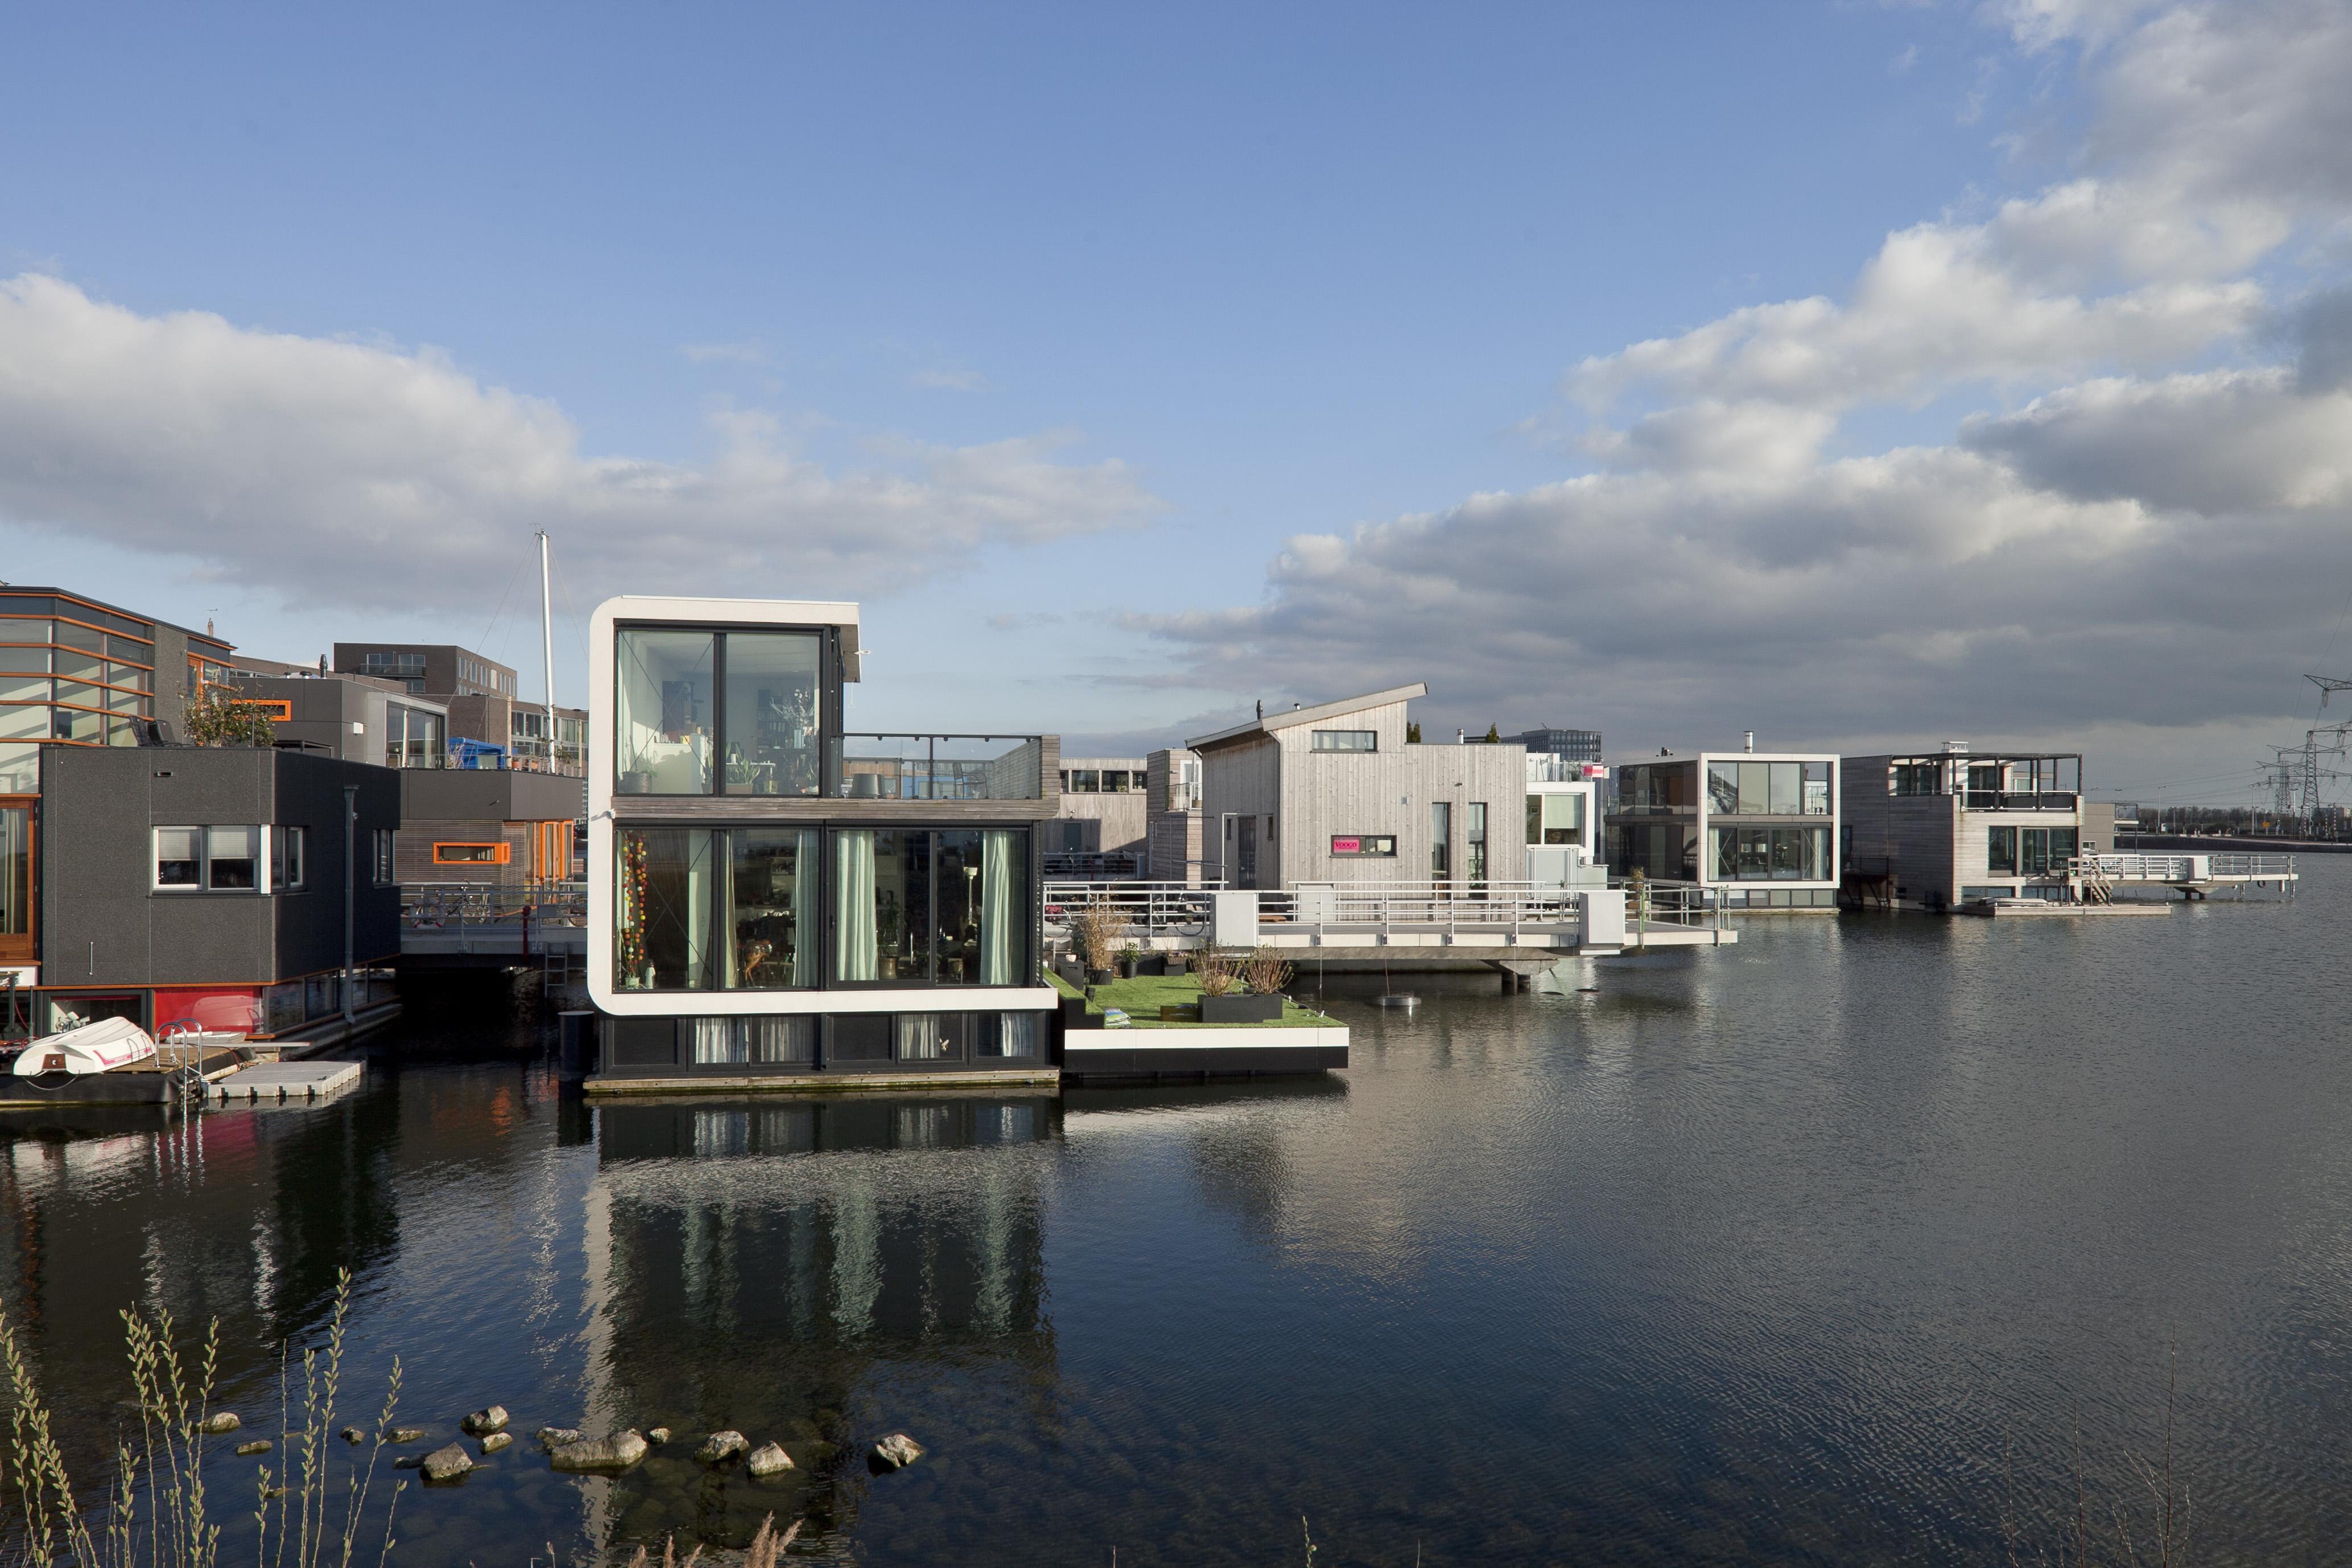 Wonen In Ijburg : Ijburg u city extension on manmade isles u de gebouwengids